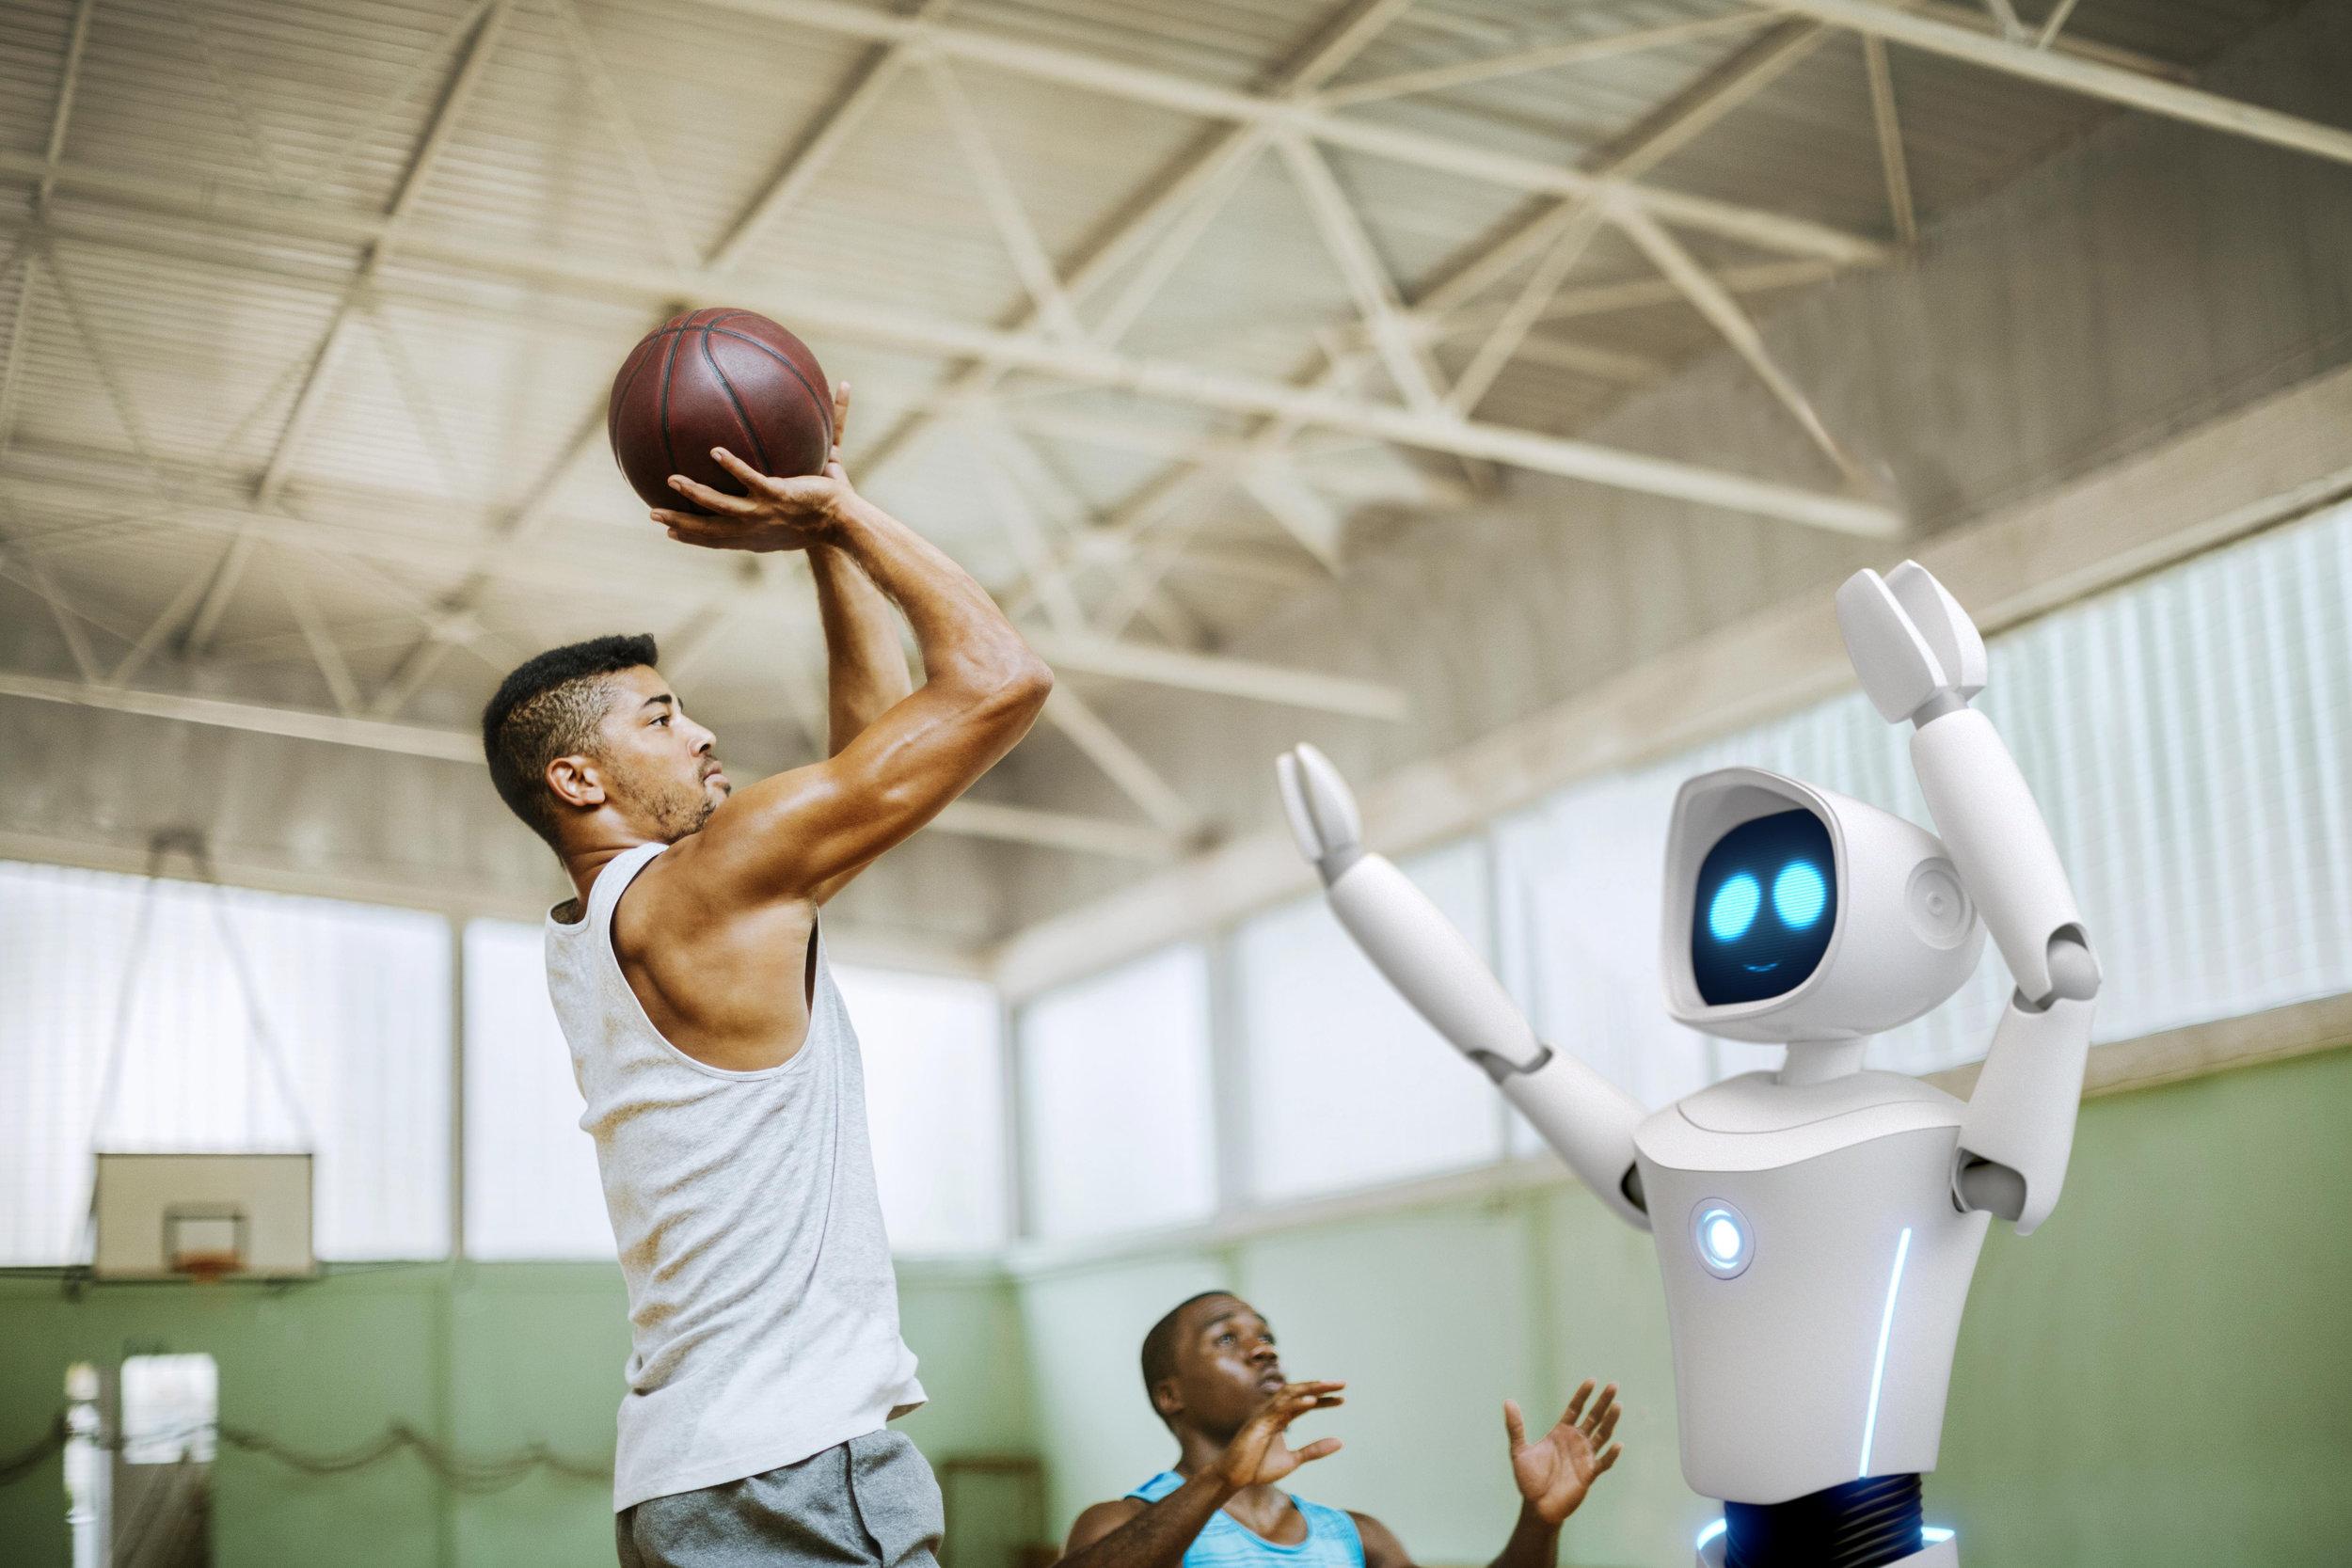 CMA_Social-Basketball_still29.jpg